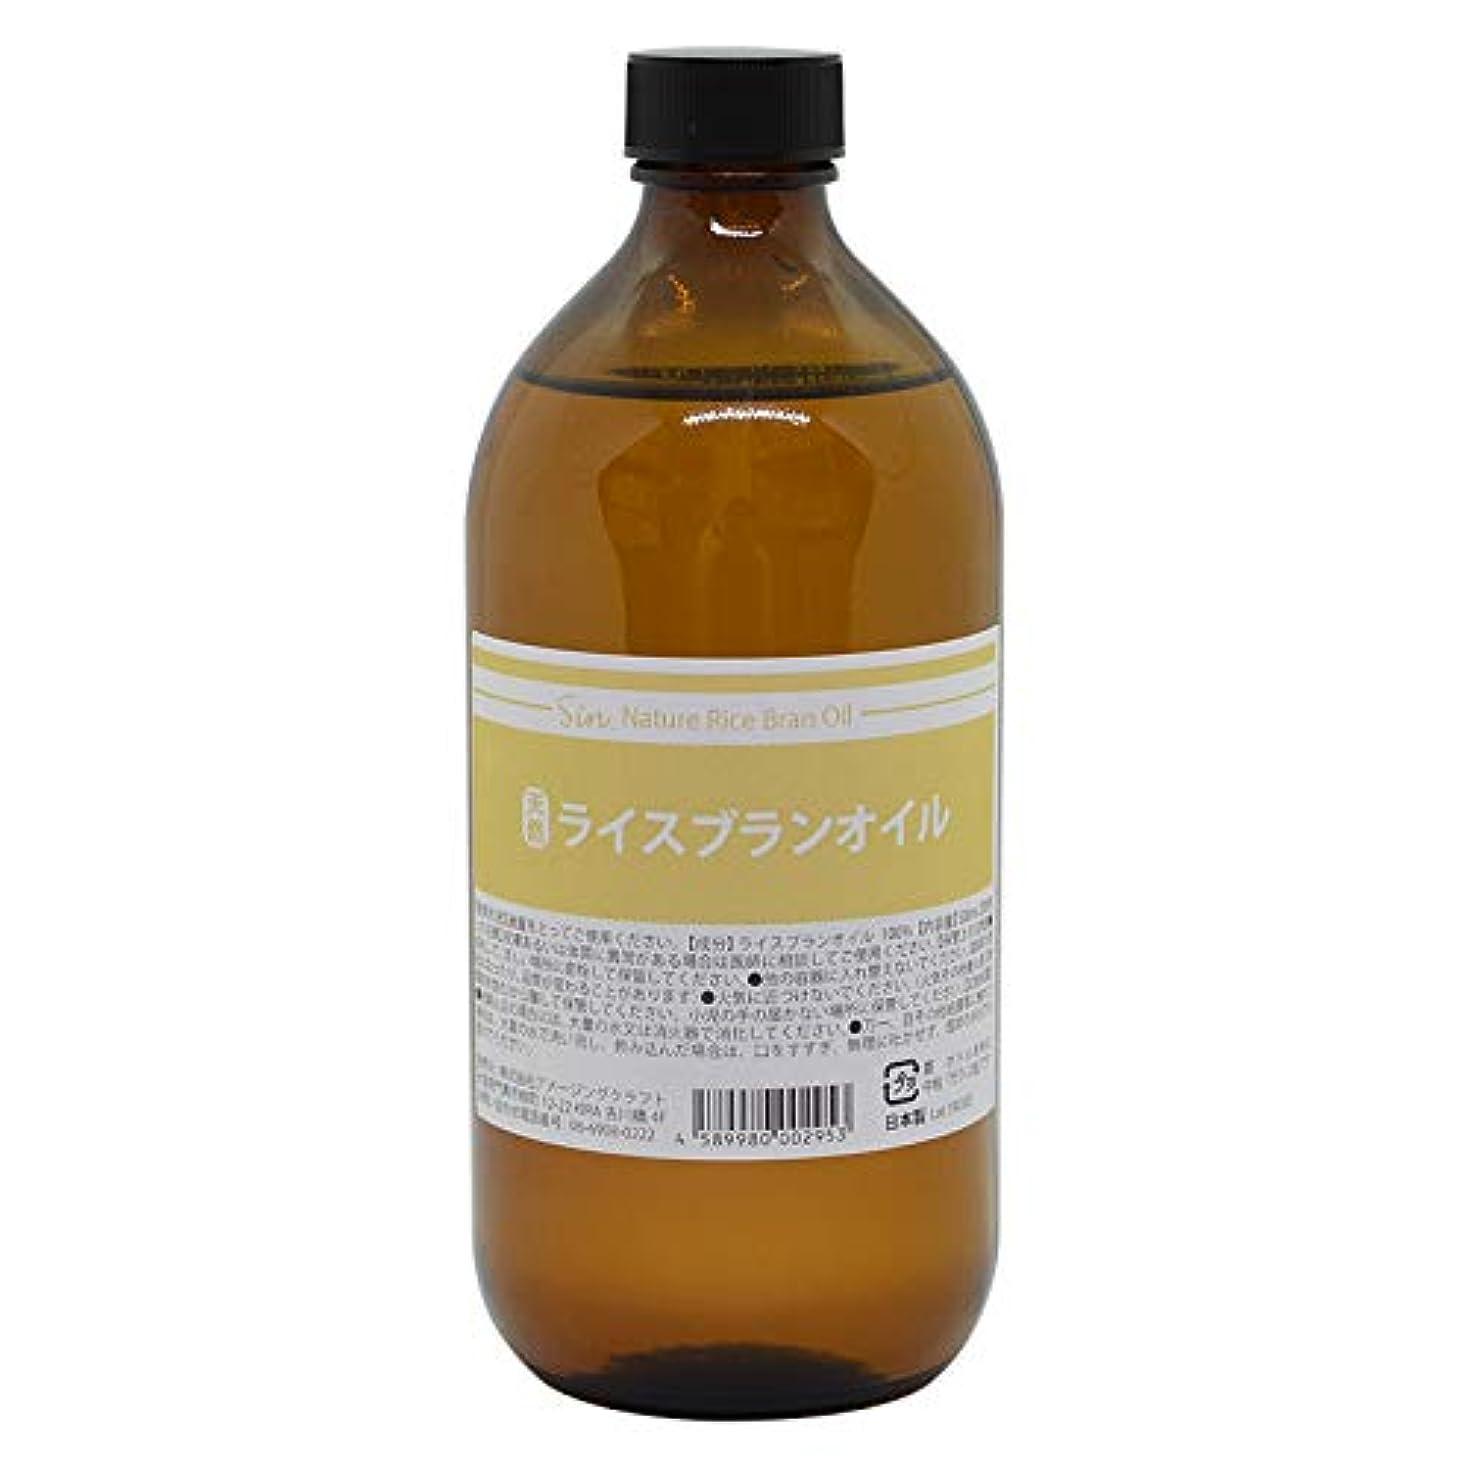 もろい腐食する誘う天然無添加 国内精製 ライスブランオイル 500ml ライスオイル